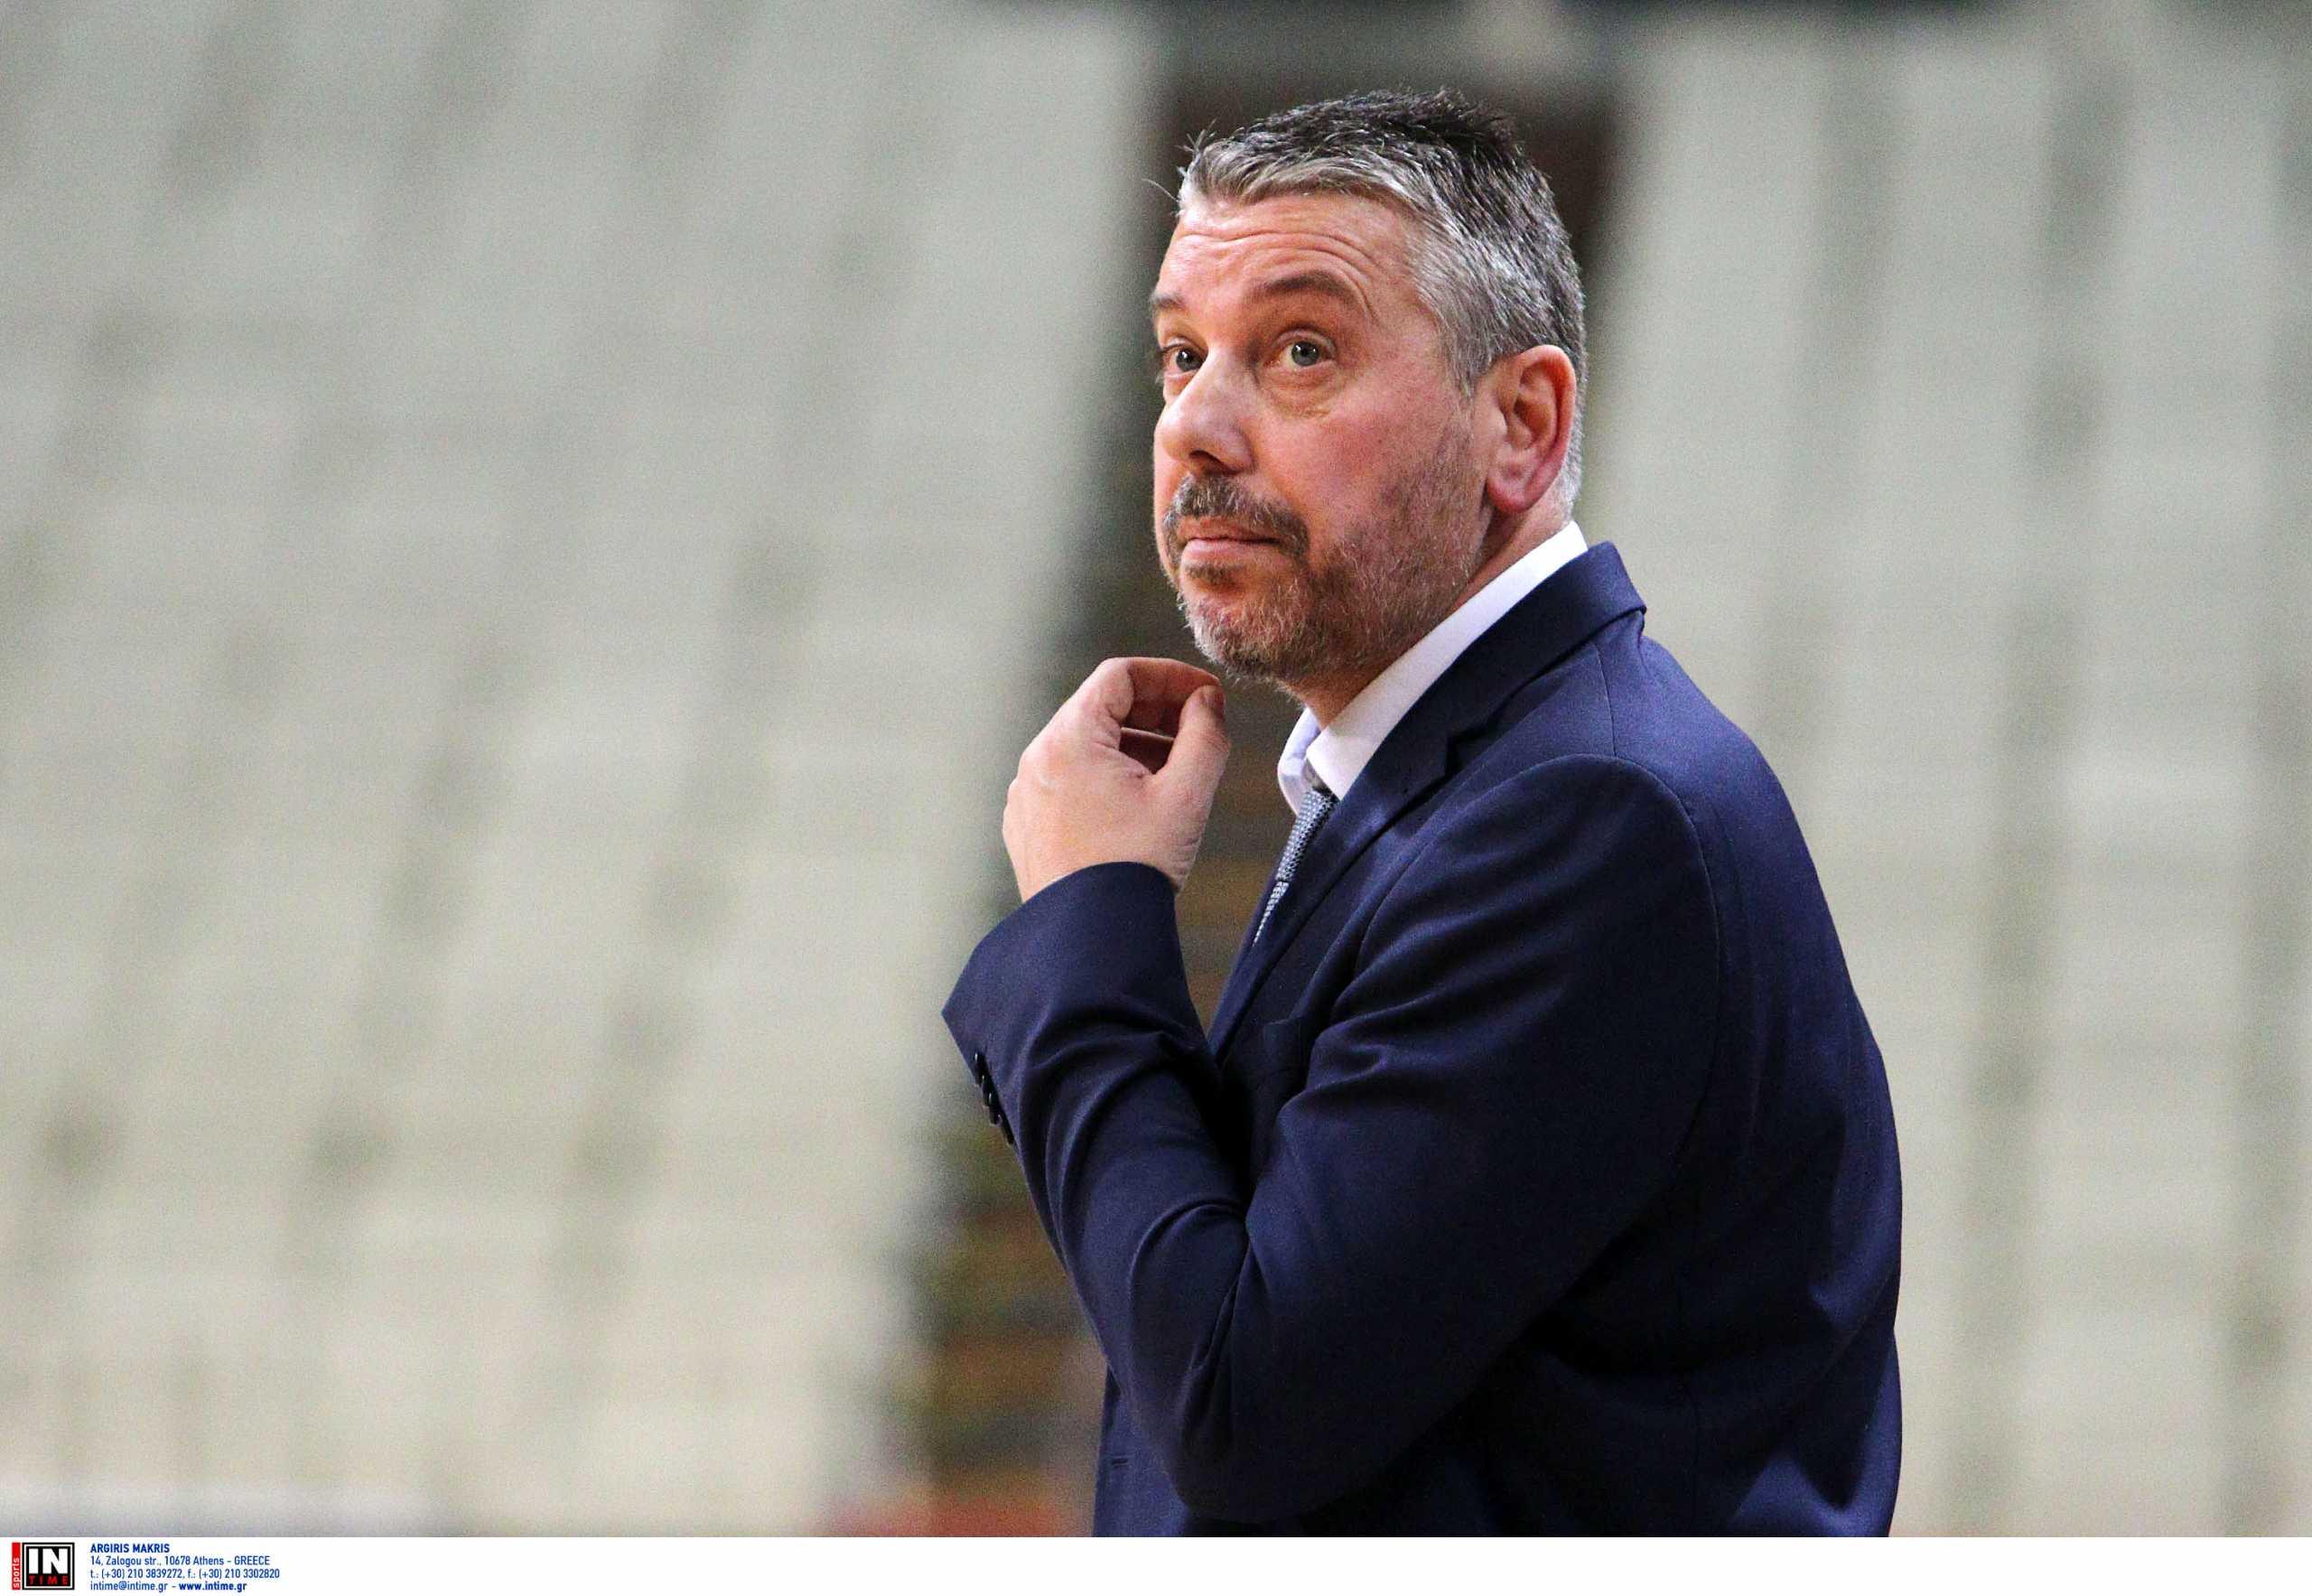 ΑΕΚ – Παπαθεοδώρου: «Καλύτερη ομάδα στην Ελλάδα ο Παναθηναϊκός»